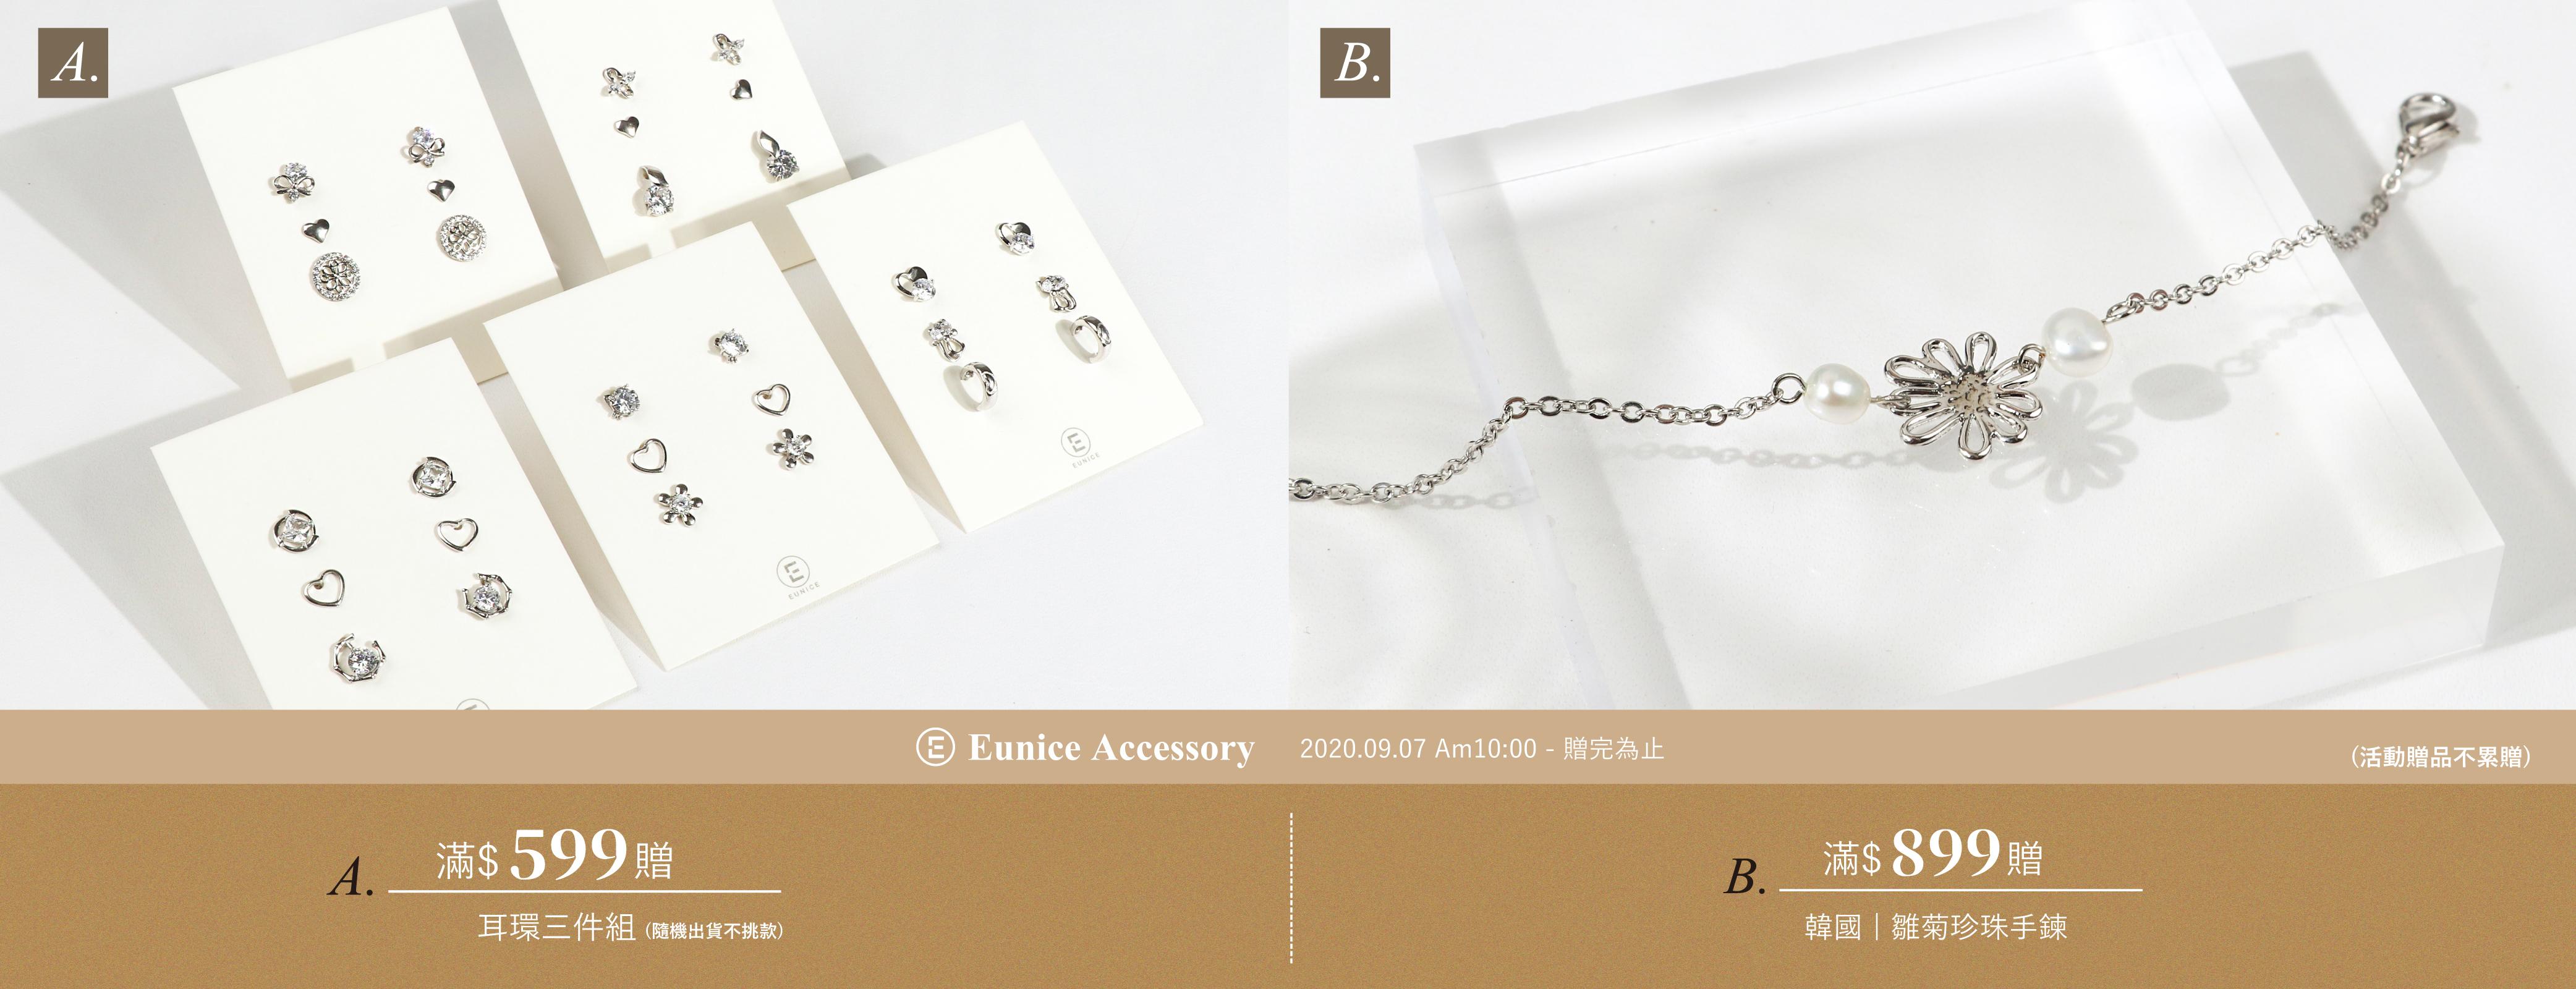 Eunice-滿額贈